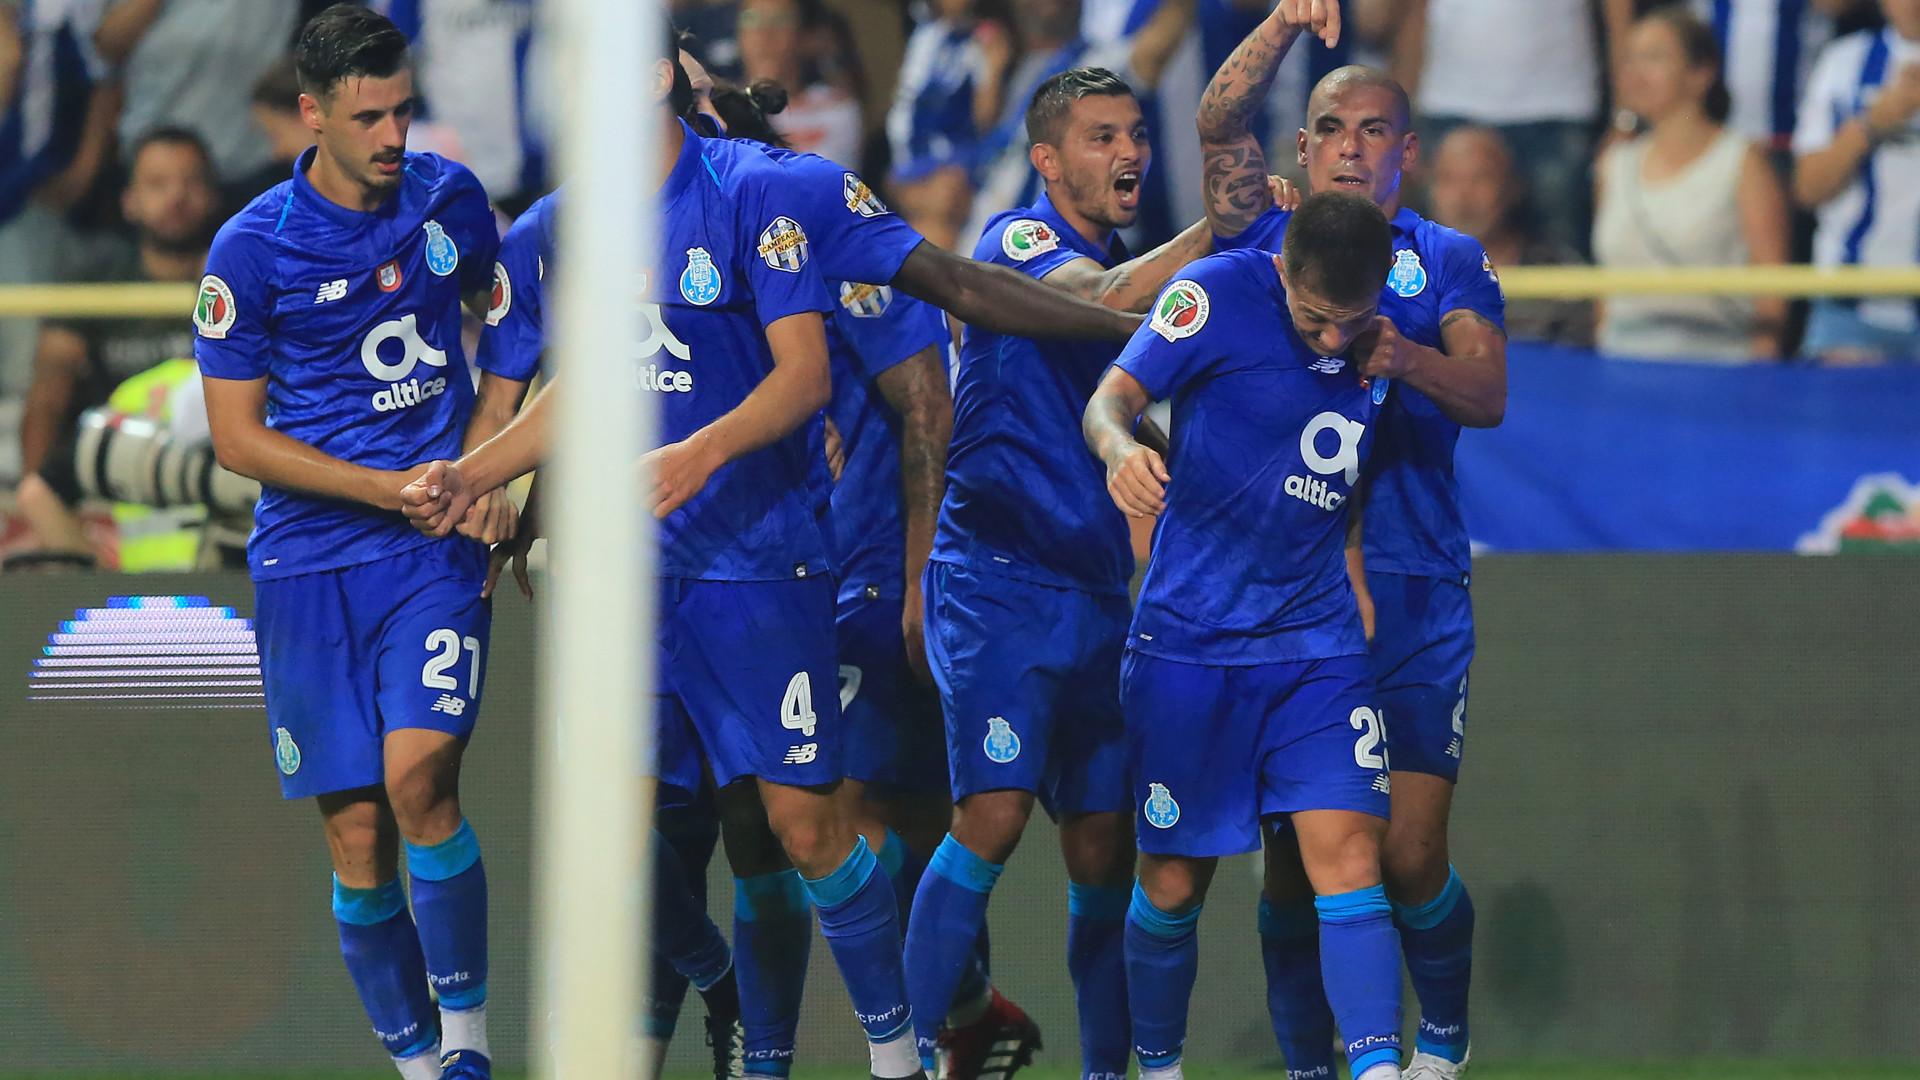 FC Porto inicia defesa do título em casa com o Desp. Chaves